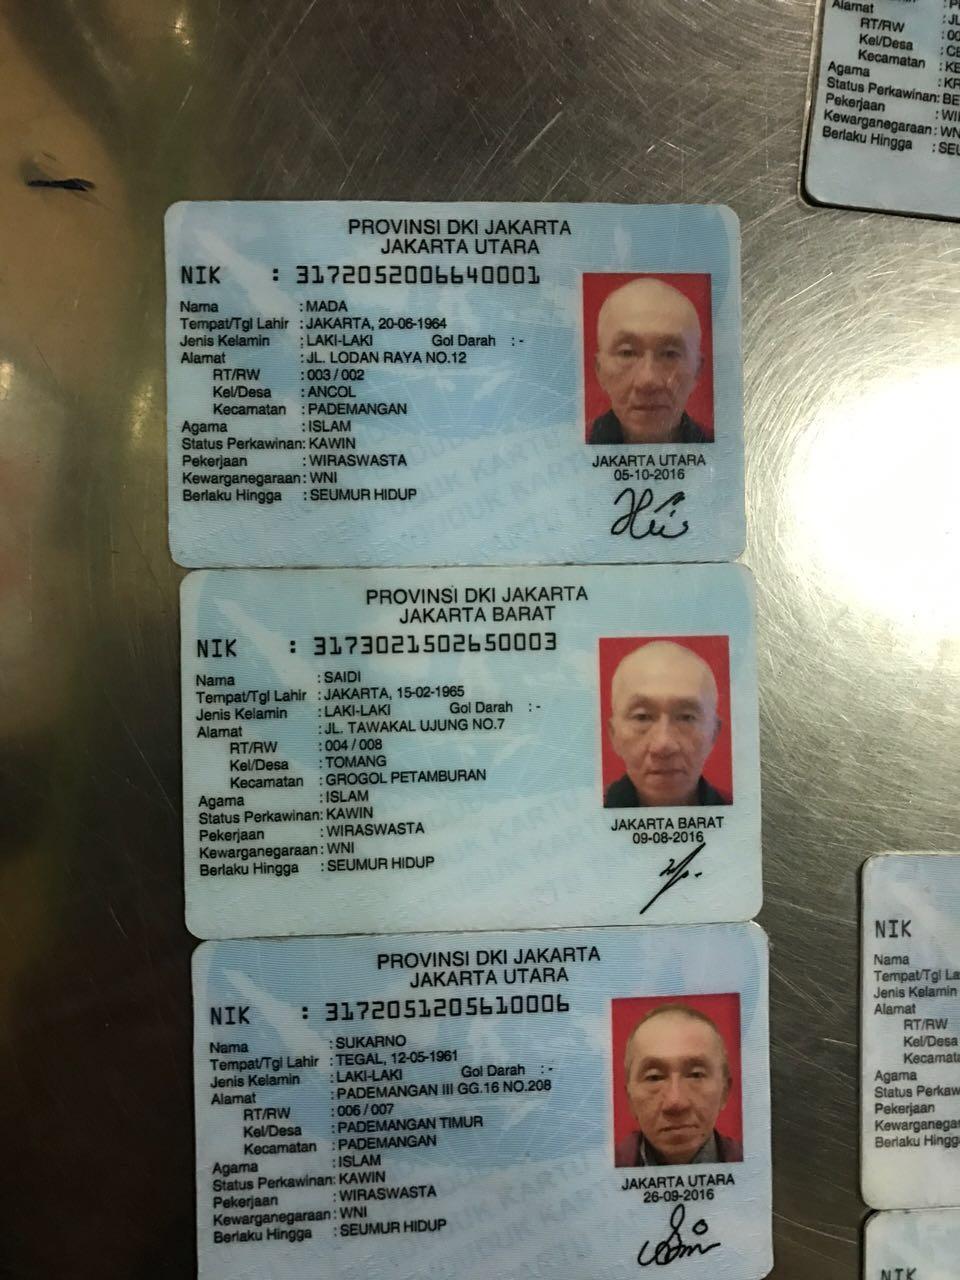 Bahkan, baru-baru ini telah ditemukan KTP palsu berasal dari pedagang china di Kota Rangkas Belitung. Yang mengherankan, walaupun mereka berdomisili di Lebak Rangkas Belitung, namun rata-rata alamat yang tertera di dalam KTP itu memiliki domisili DKI Jakarta dengan KTP seumur hidup.  Kemungkinan besar bahwa seorang WNA memiliki lebih dari satu eKTP palsu, dengan identitas yang berbeda.